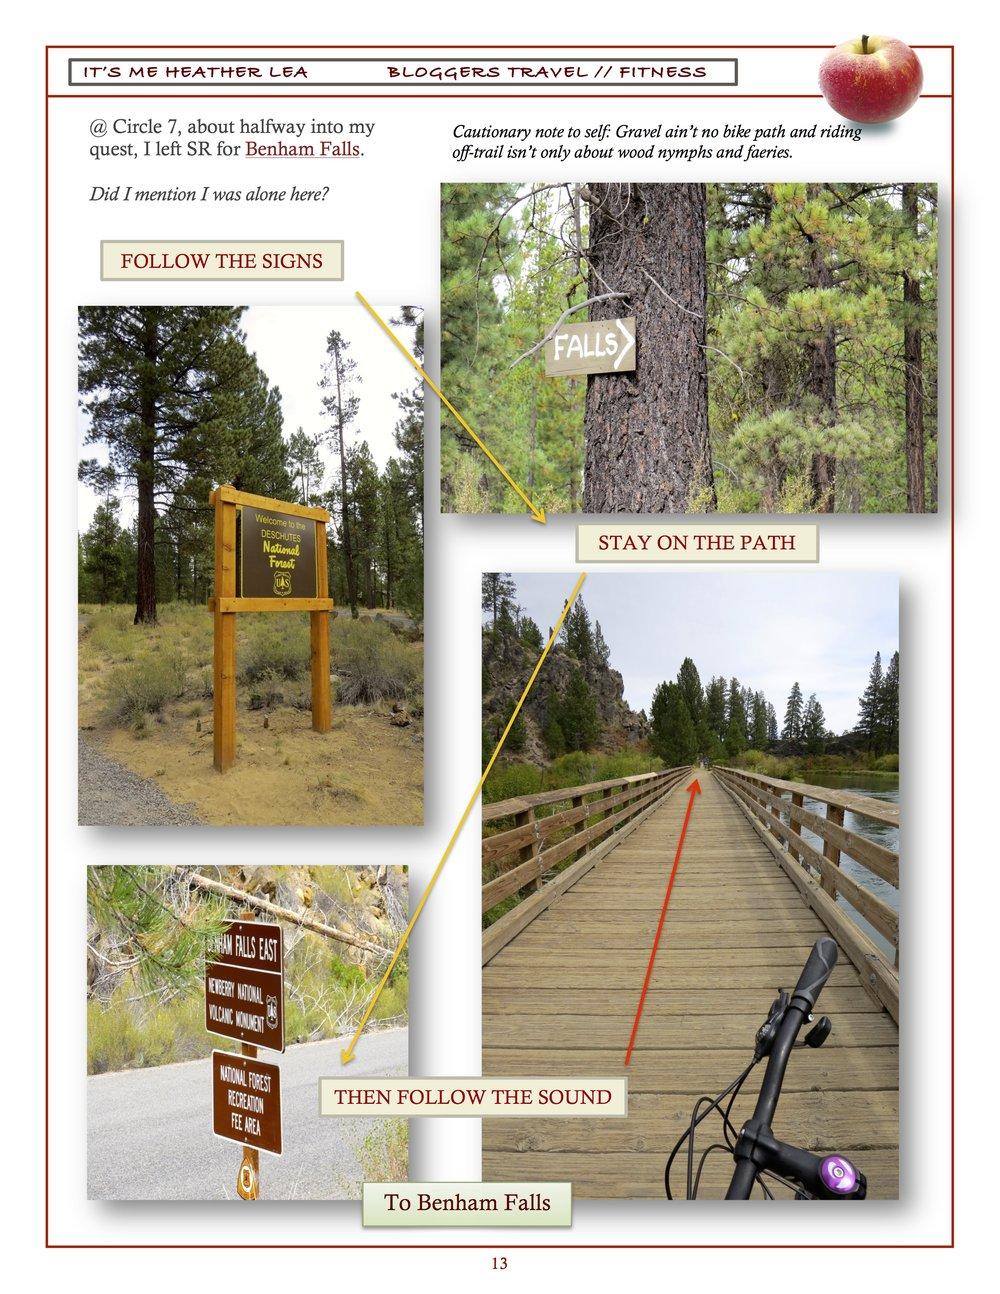 CO Trip Newsletter Revised 13.jpg